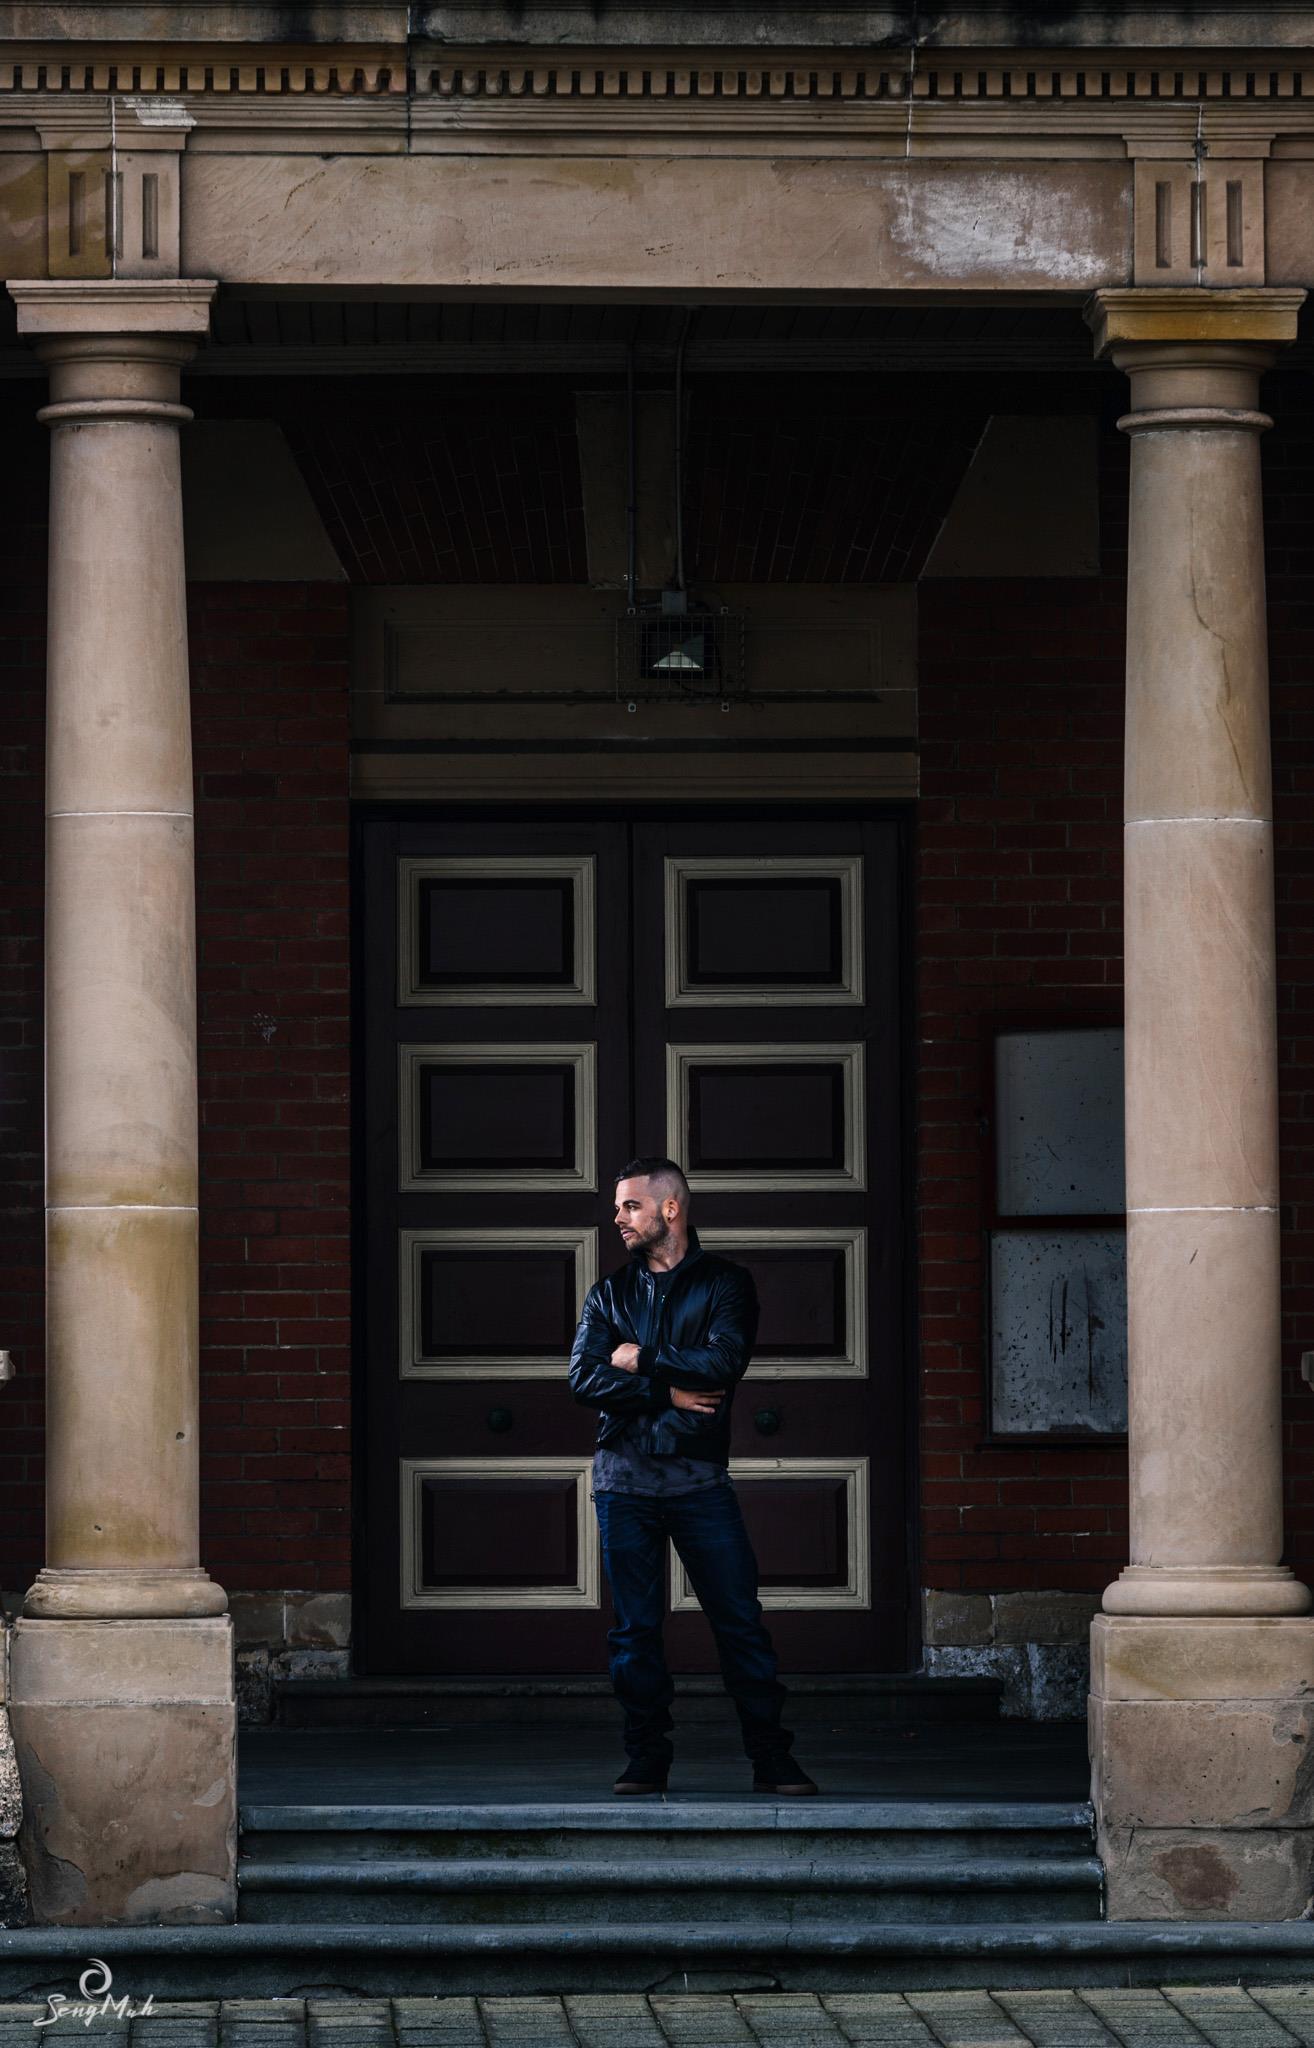 Man standing between columns